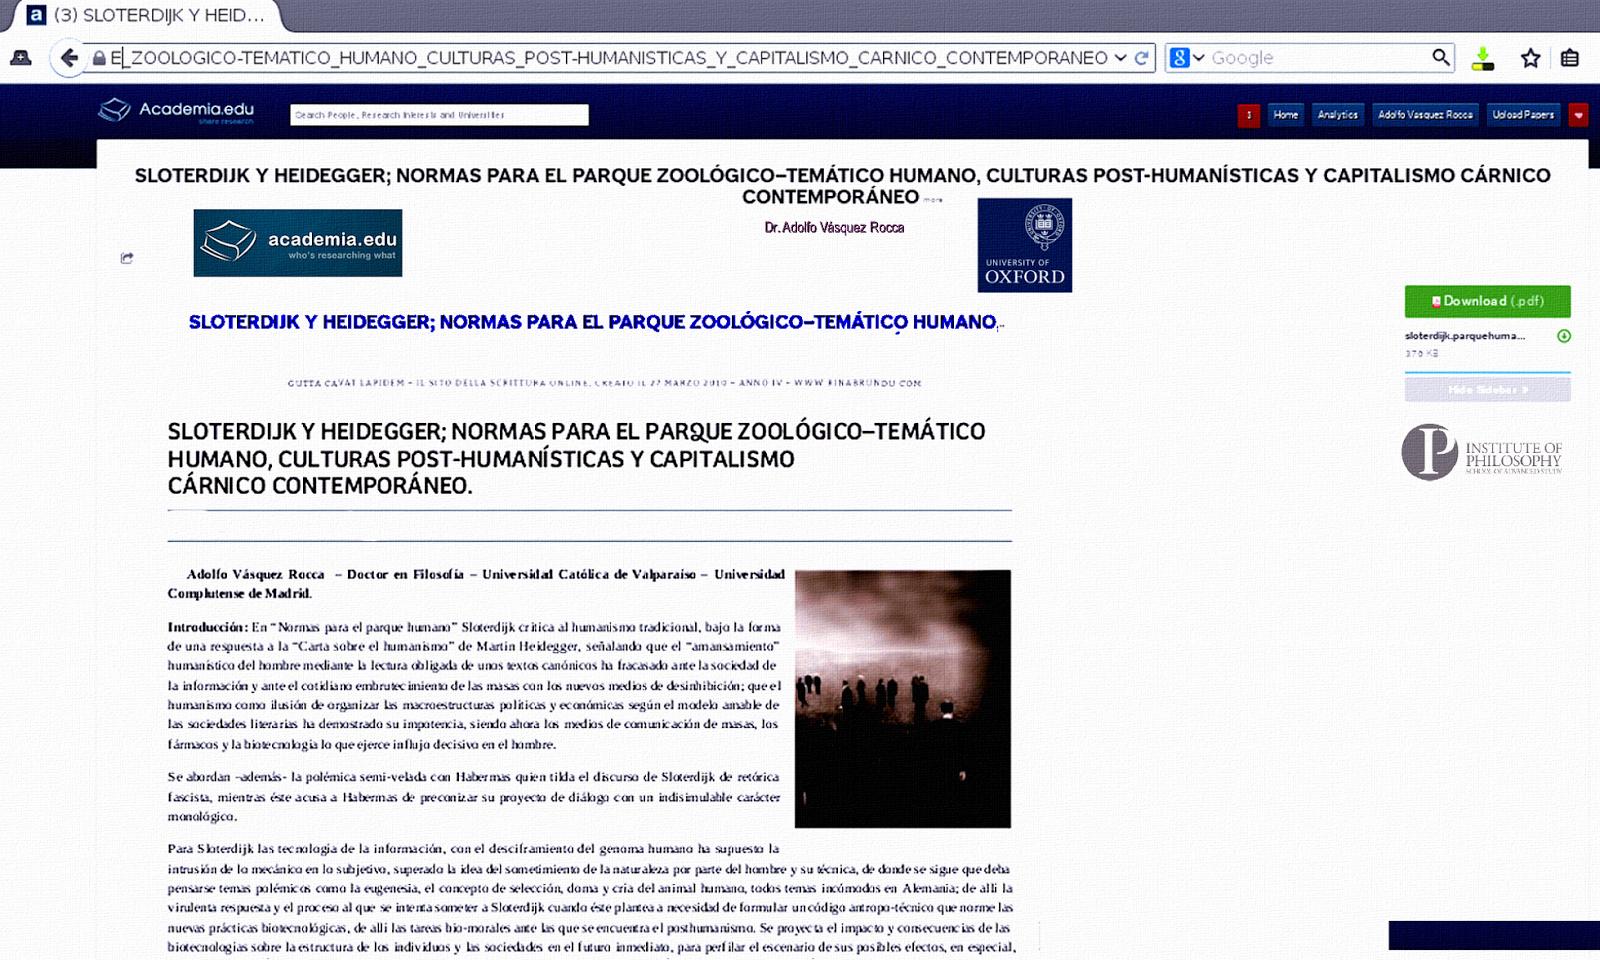 http://2.bp.blogspot.com/-OFtFKC19ddA/U3esxw-YUXI/AAAAAAAATkE/RMXxi1BpnNs/s1600/Portada+_+Academia.edu_Sloterdijk:+Normas+para+el+Parque+Humano_+Paper+Oxford+Dr.+Adolfo+Vasquez+Rocca.png